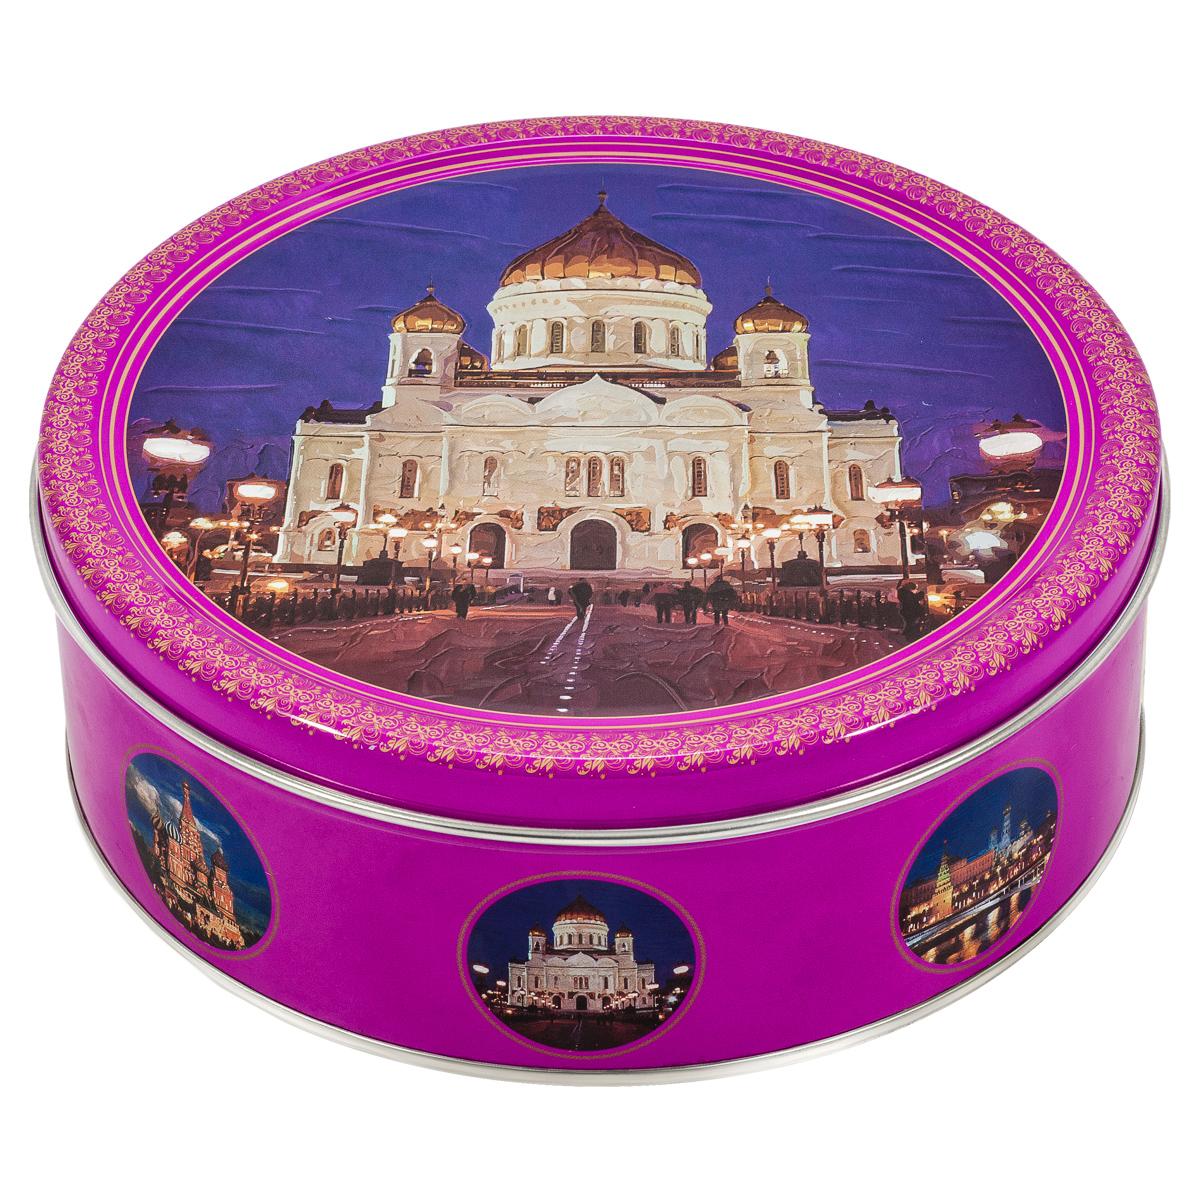 Monte Christo Храм печенье со сливочным маслом, 400 г сладкая сказка печенье зимний вечер 400 г